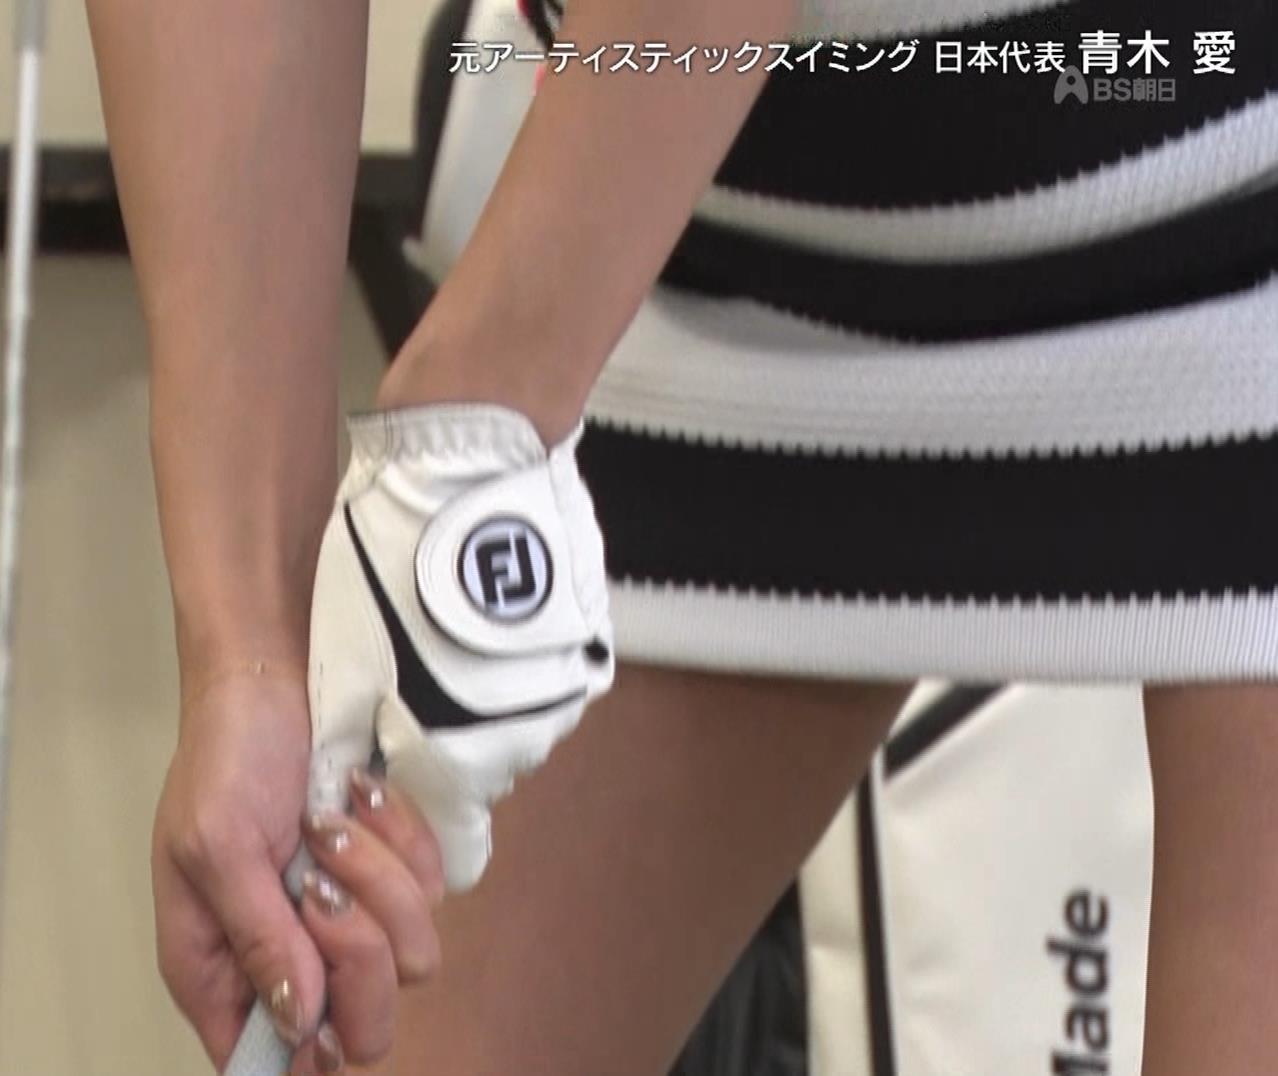 青木愛 すごく短いスカートでゴルフをするエロキャプ・エロ画像2